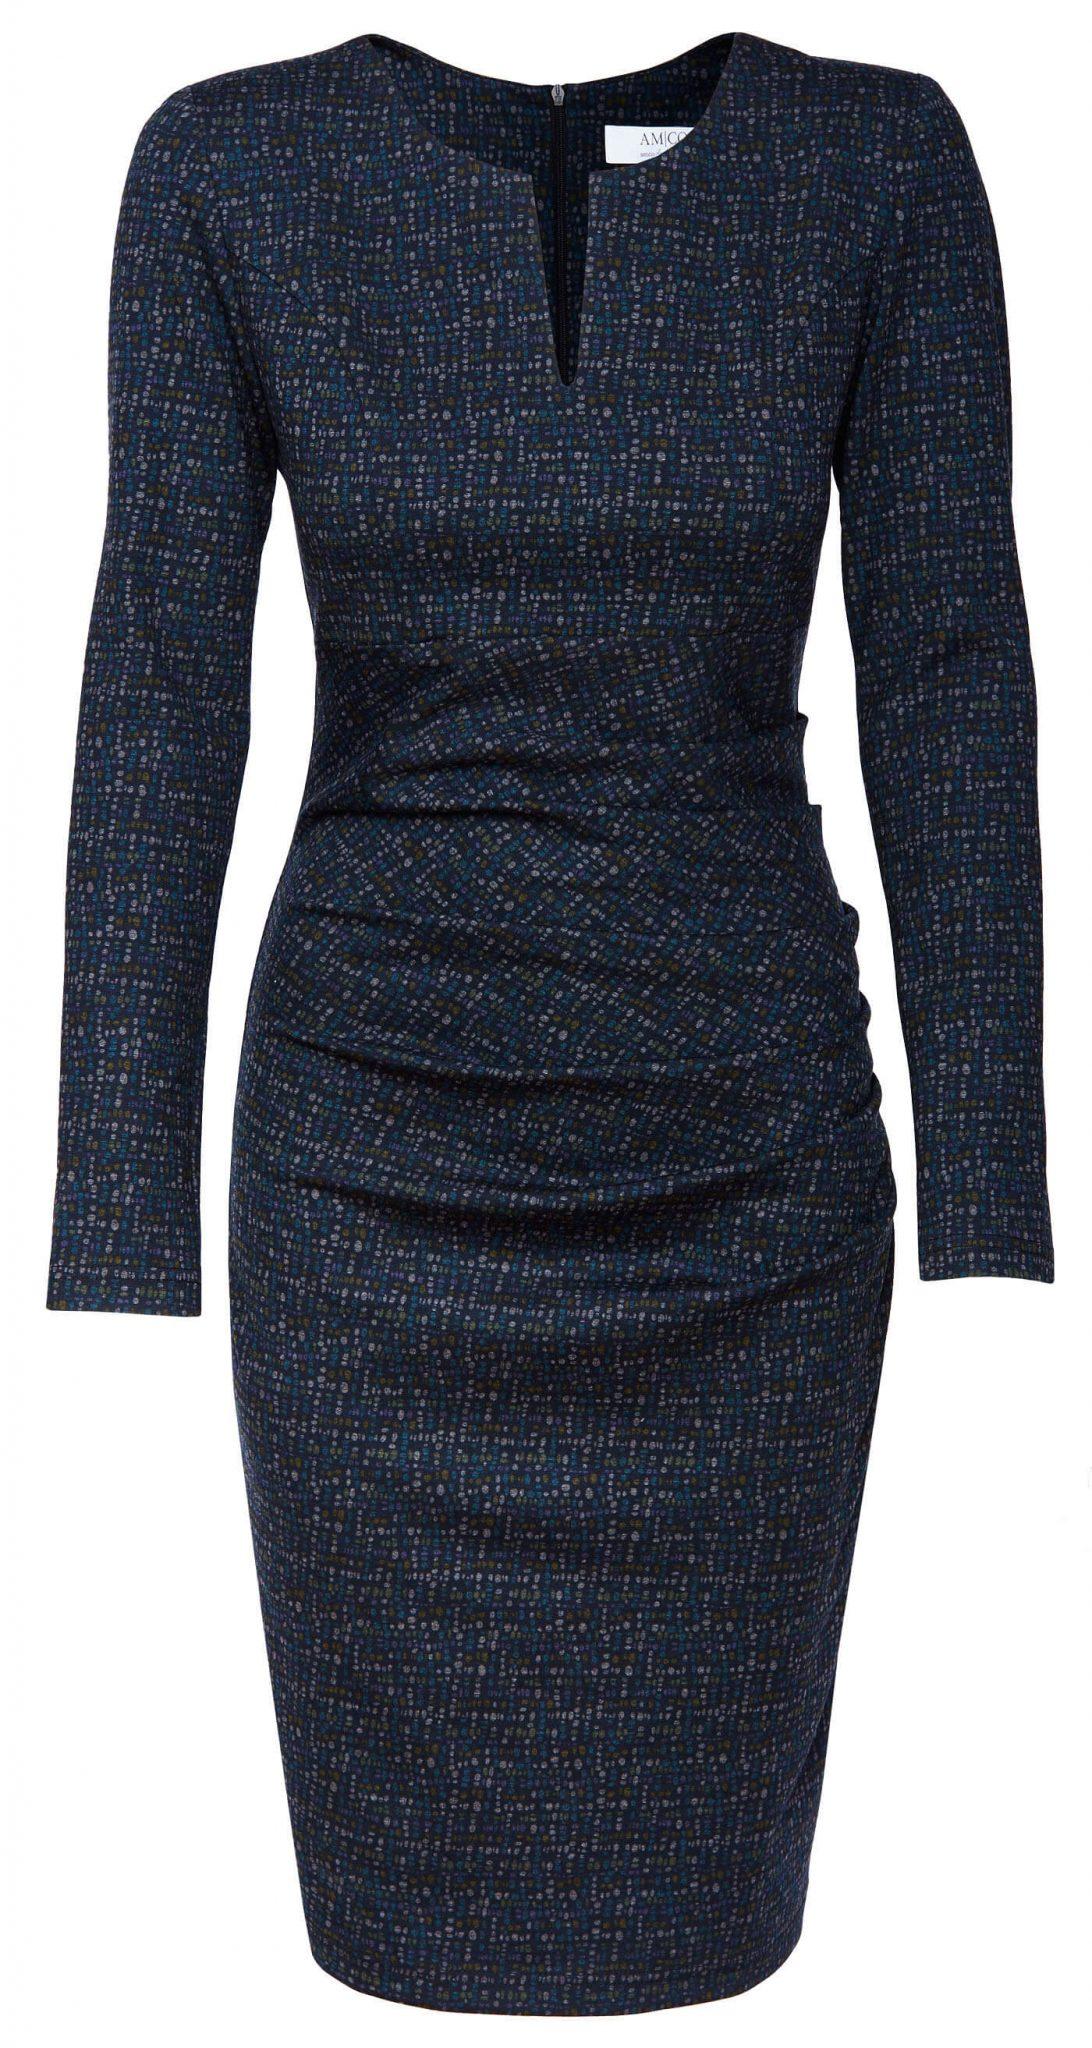 AMCO Fashion by Annett Möller | AMCO SAVANNA DRESS | Winter Flake | Dunkelblau | Stretchkleid mit Punkten | lange Ärmel